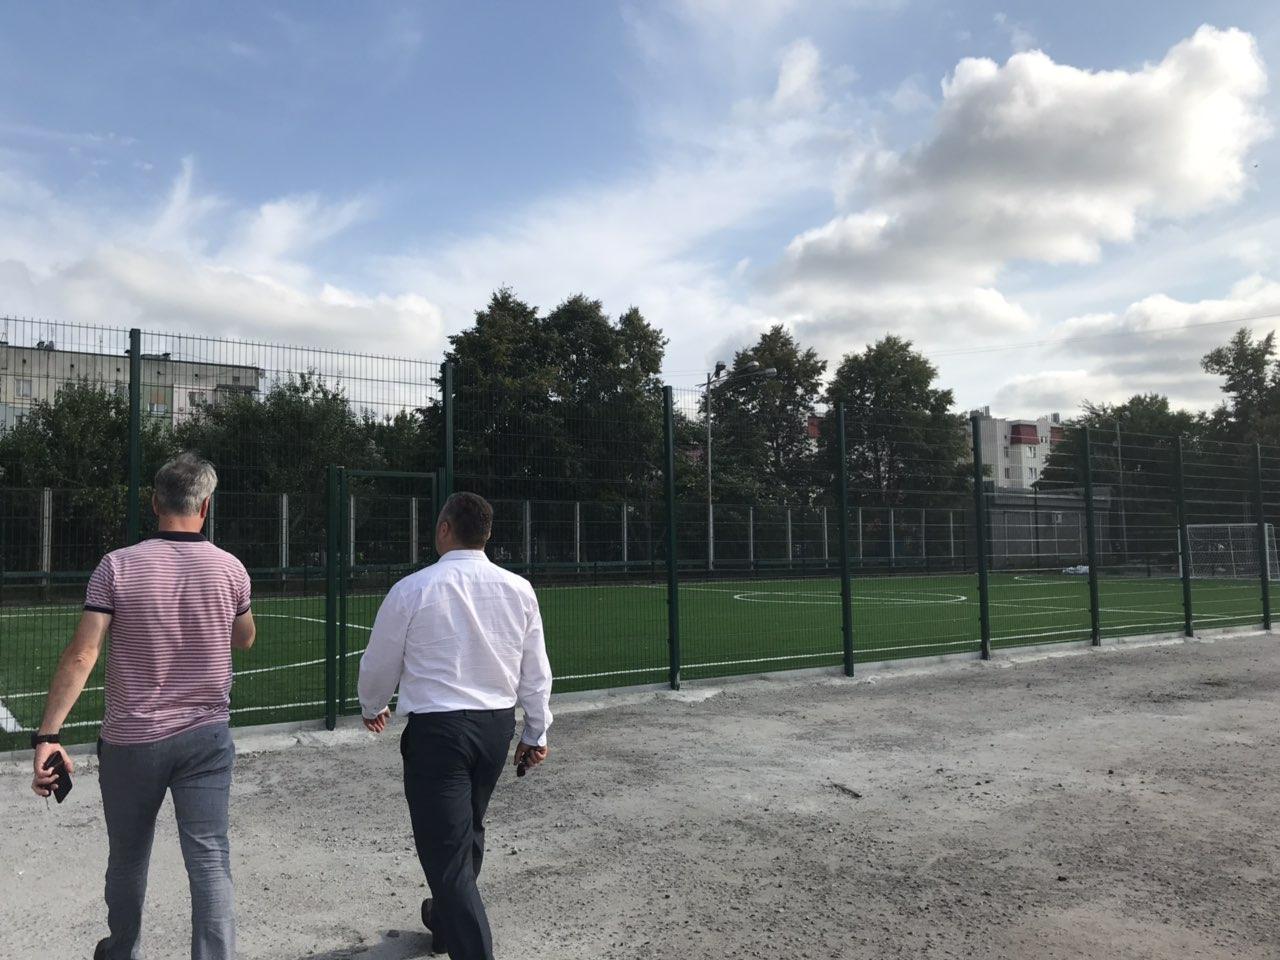 У Баришивці незабаром відкриття міні-футбольного поля -  - zobrazhennya viber 2019 08 15 17 17 37